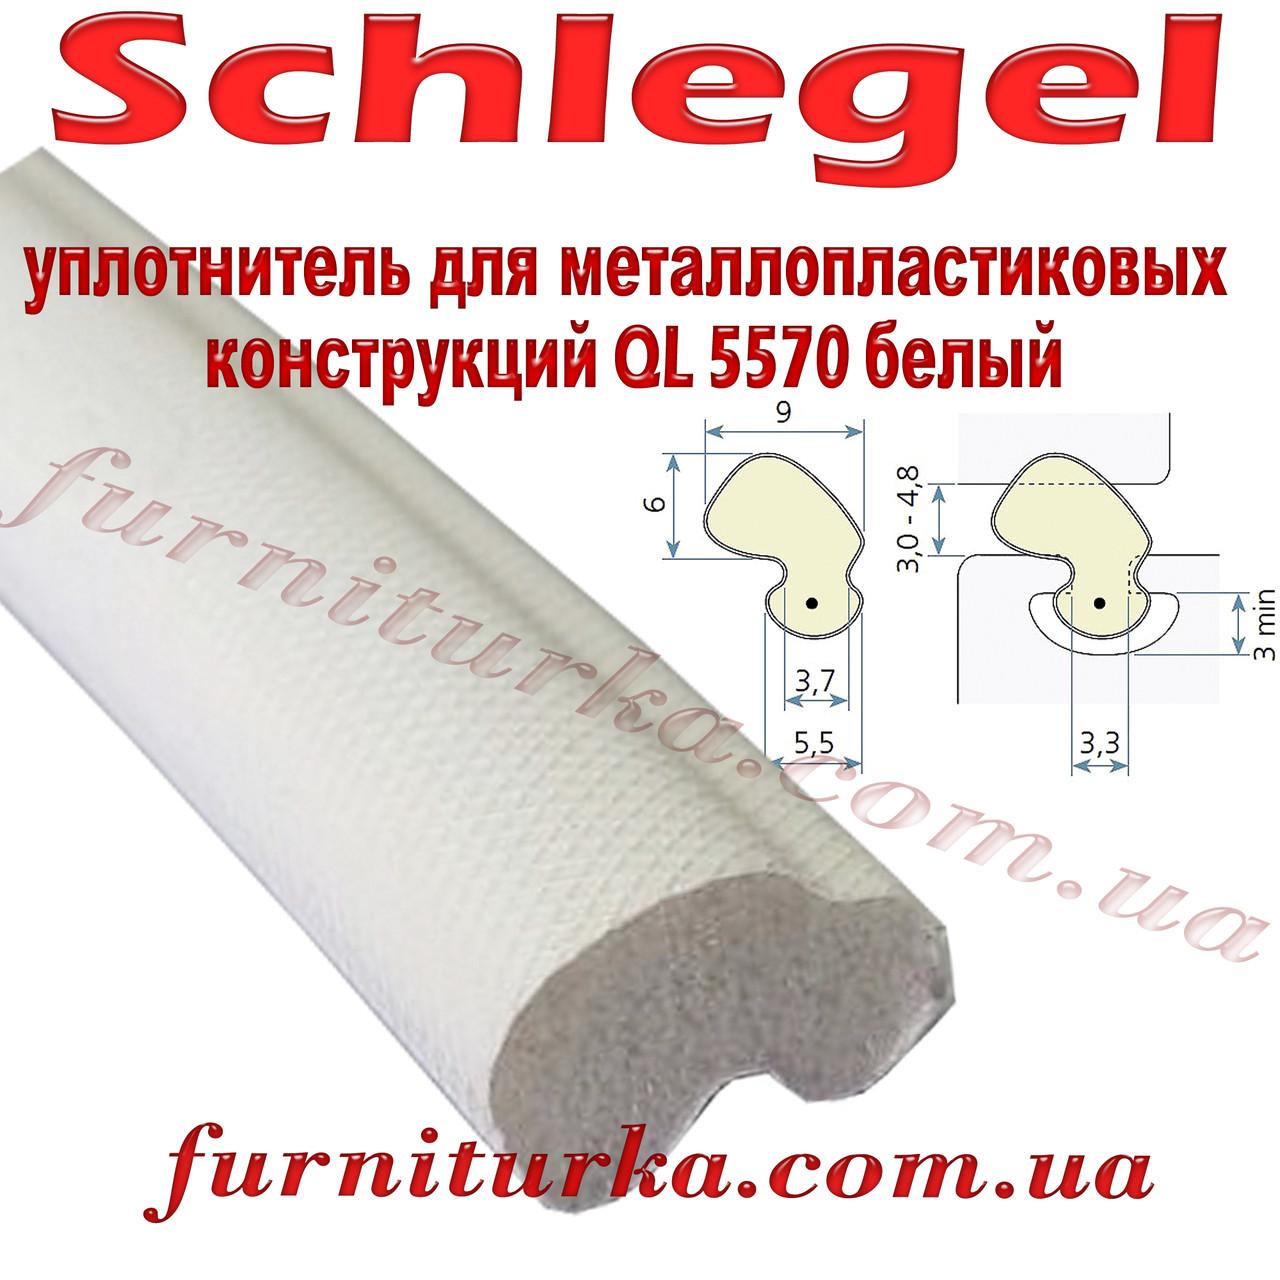 Уплотнитель для ПВХ Schlegel QL 5570 белый